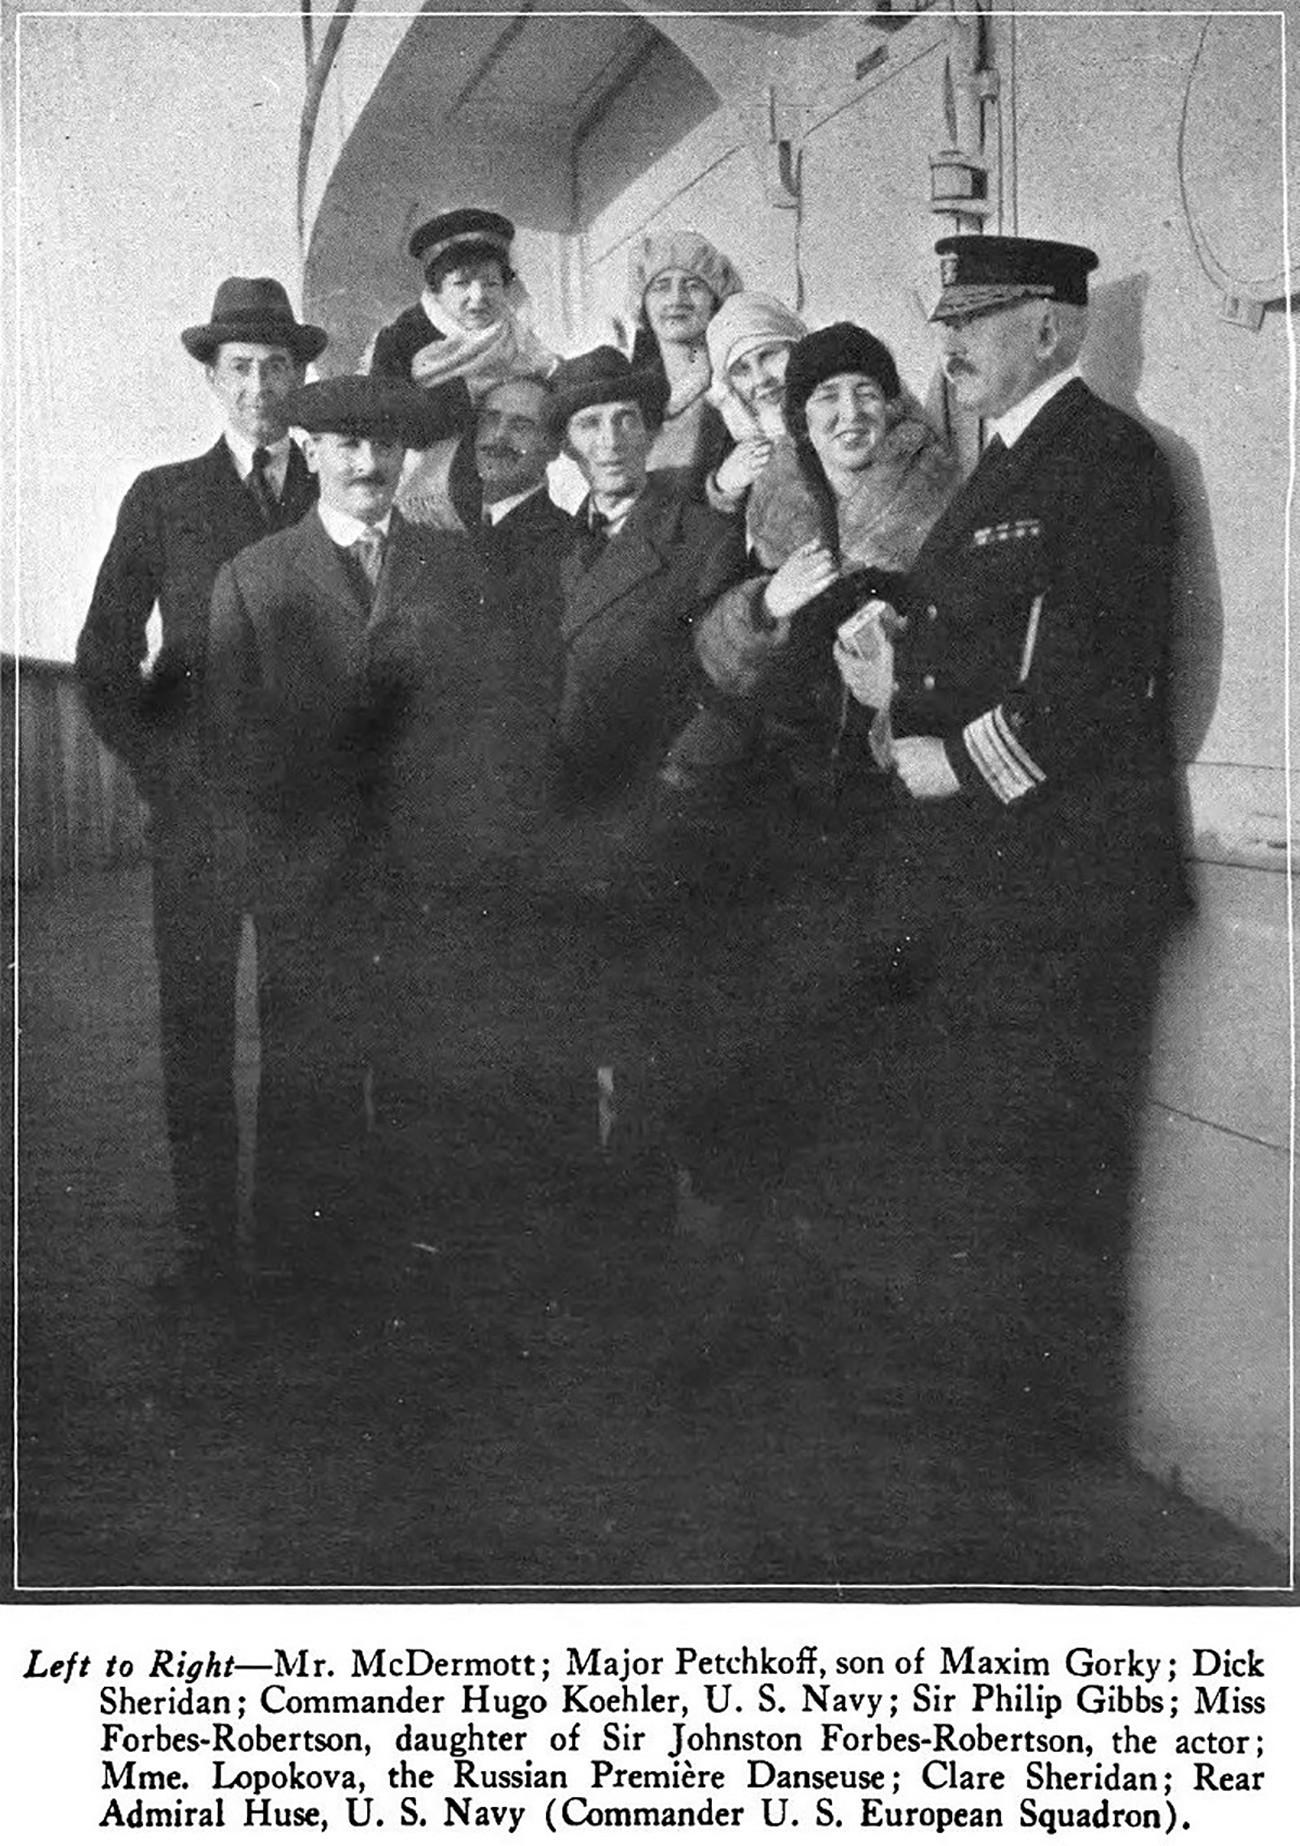 Sheridan, Hugo Koehler (pourtant le fils de Clare, Richard), et d'autres, à bord du paquebot RMS Aquitania, en janvier 1921